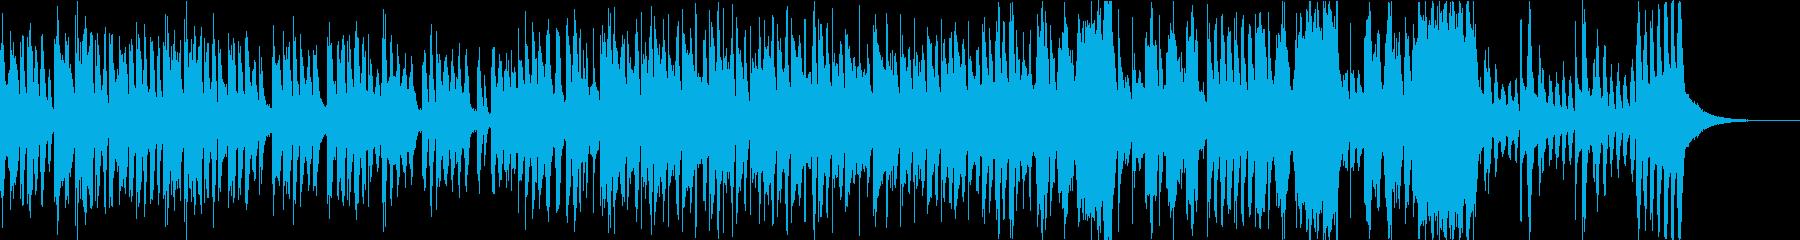 コミカルな和風オーケストラの再生済みの波形